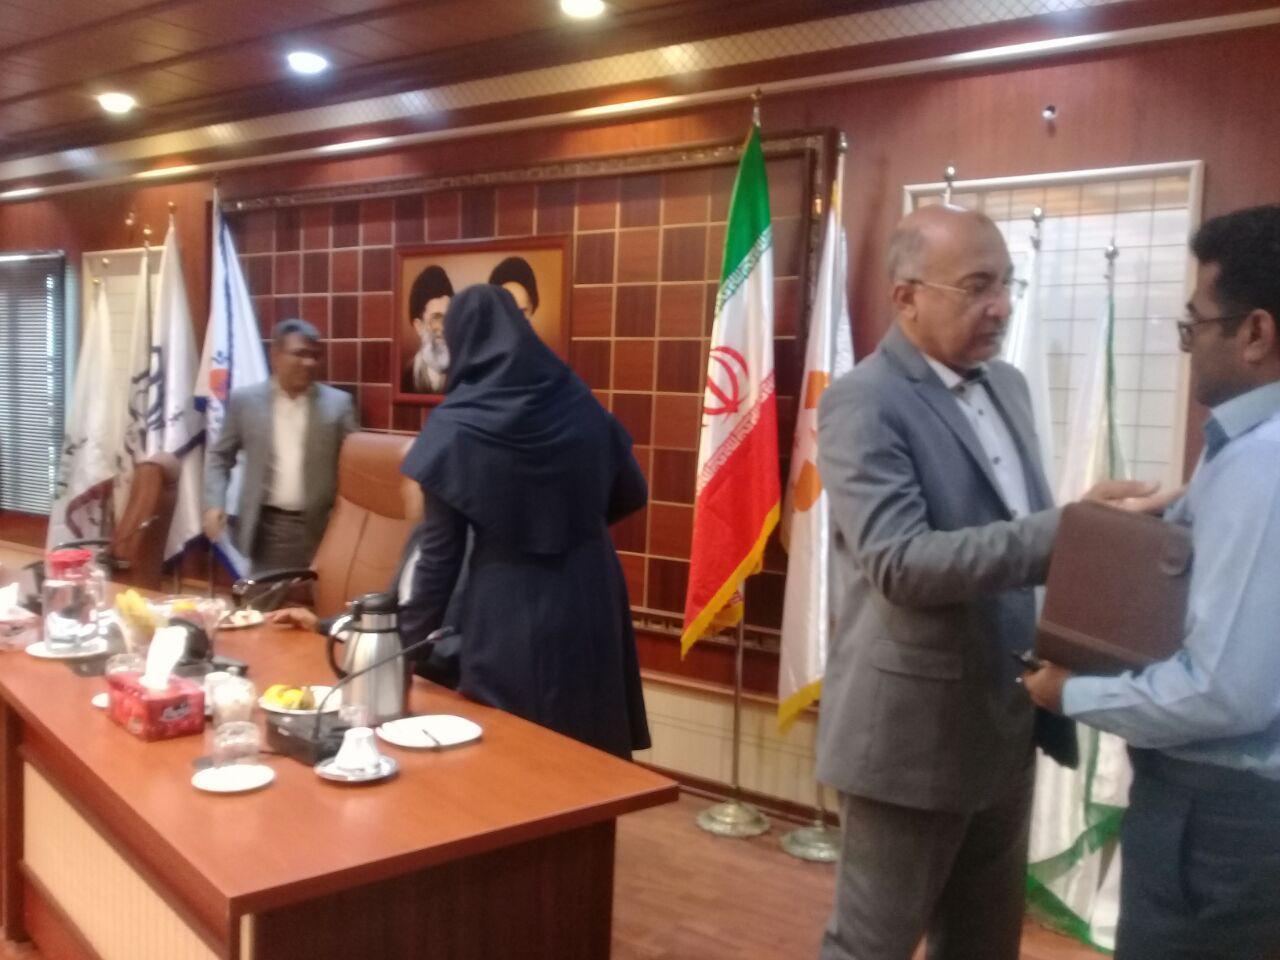 در هشتاد و دومین جلسه شورای شهر بندرعباس بررسی شد:از شفافیت سازی مالی در شهرداری تا جنجال بر سر ملک علیپور